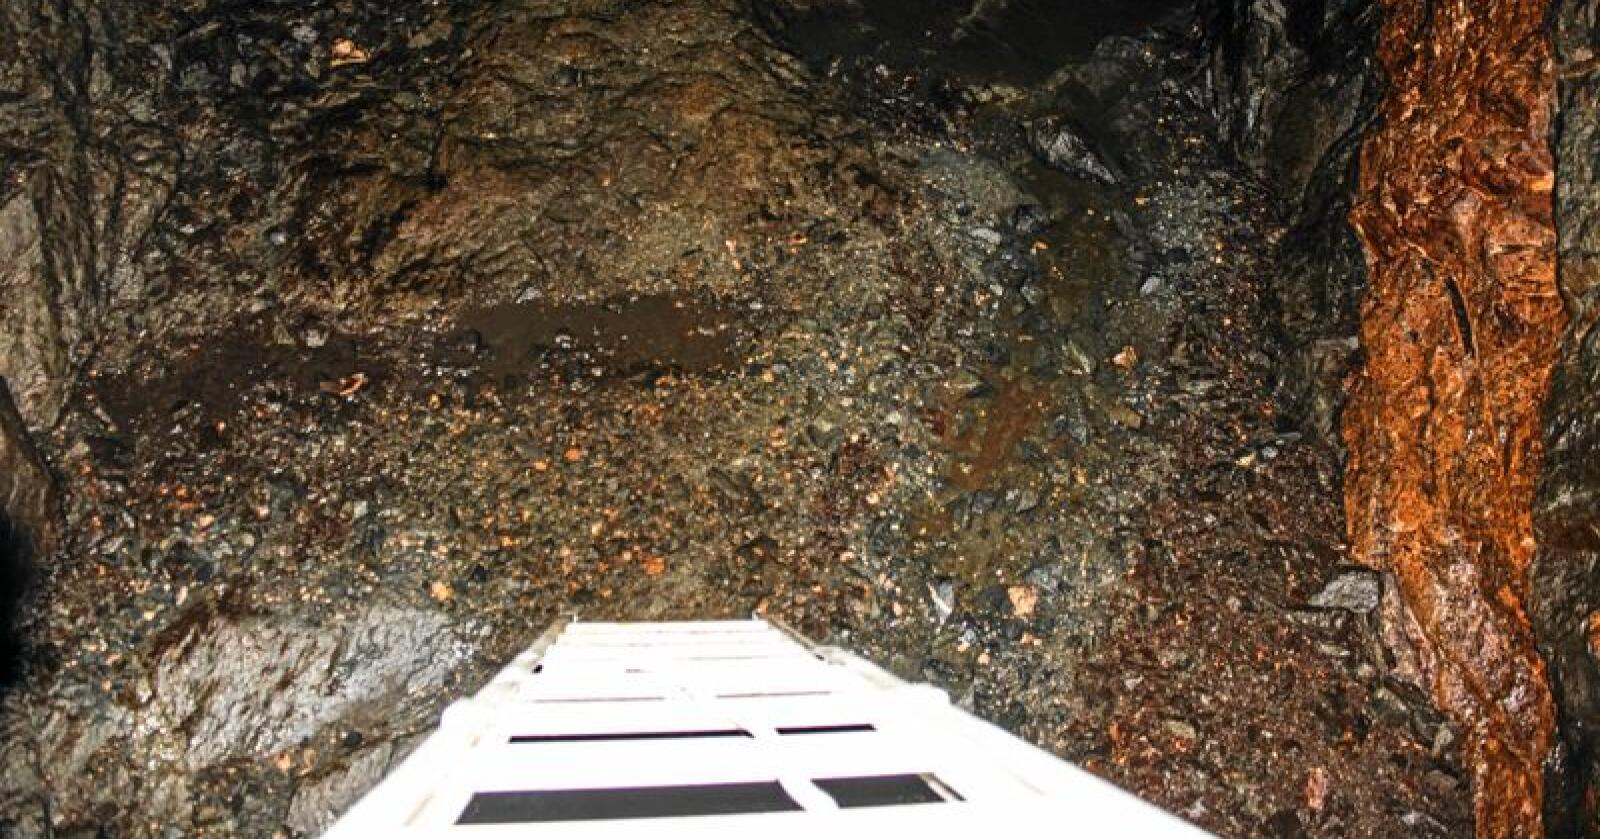 Smitte: Tidligere i sommer ble det oppdatet smitte i drikkevannet i Askøy. Smitten kan ha kommet fra dette høydebassenget. Foto: Jørgen Eide / NTB scanpix